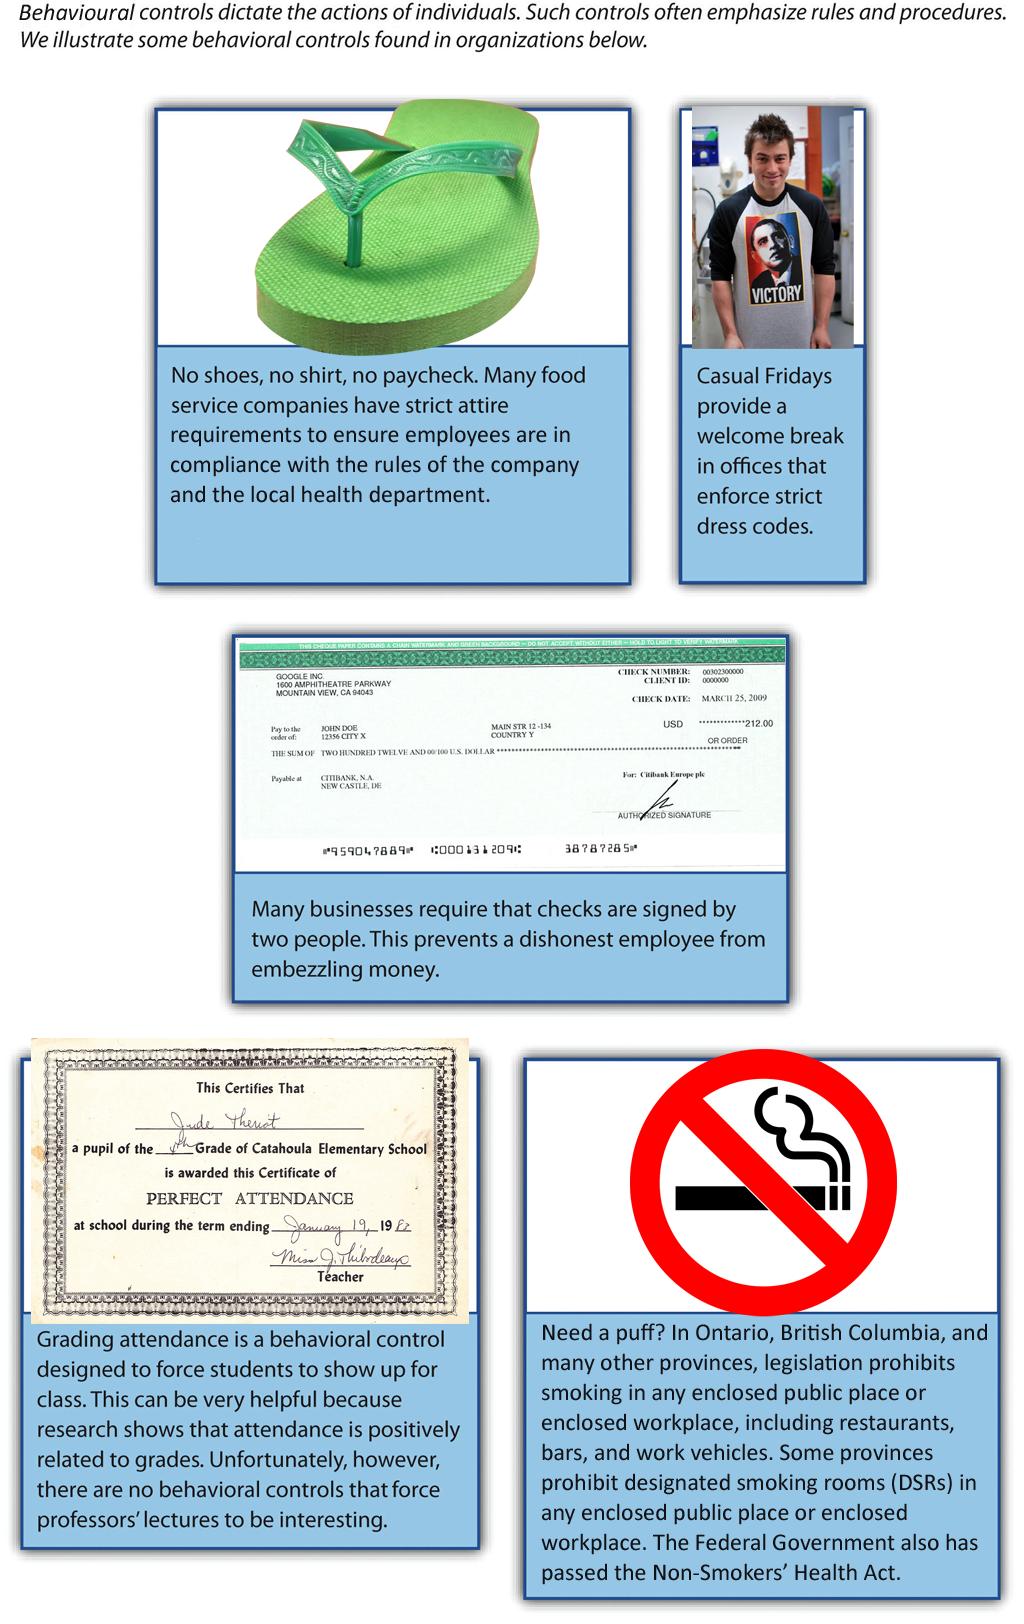 Figure 9-18: Behavioural Controls, image description available